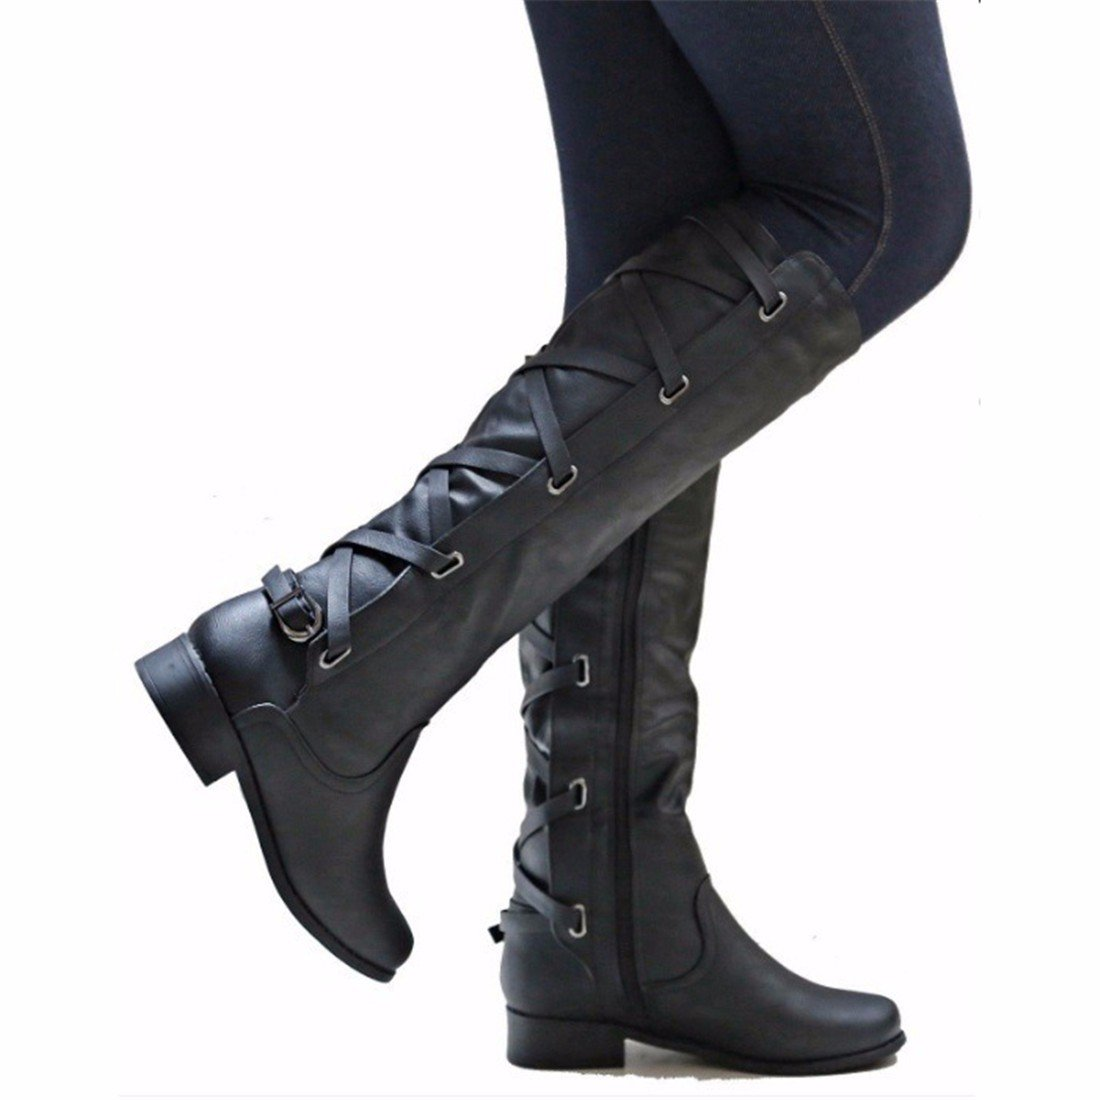 L'automne et l'hiver la mode avec des low boots de hautes bottes et chaussures. RFF-Women's Shoes